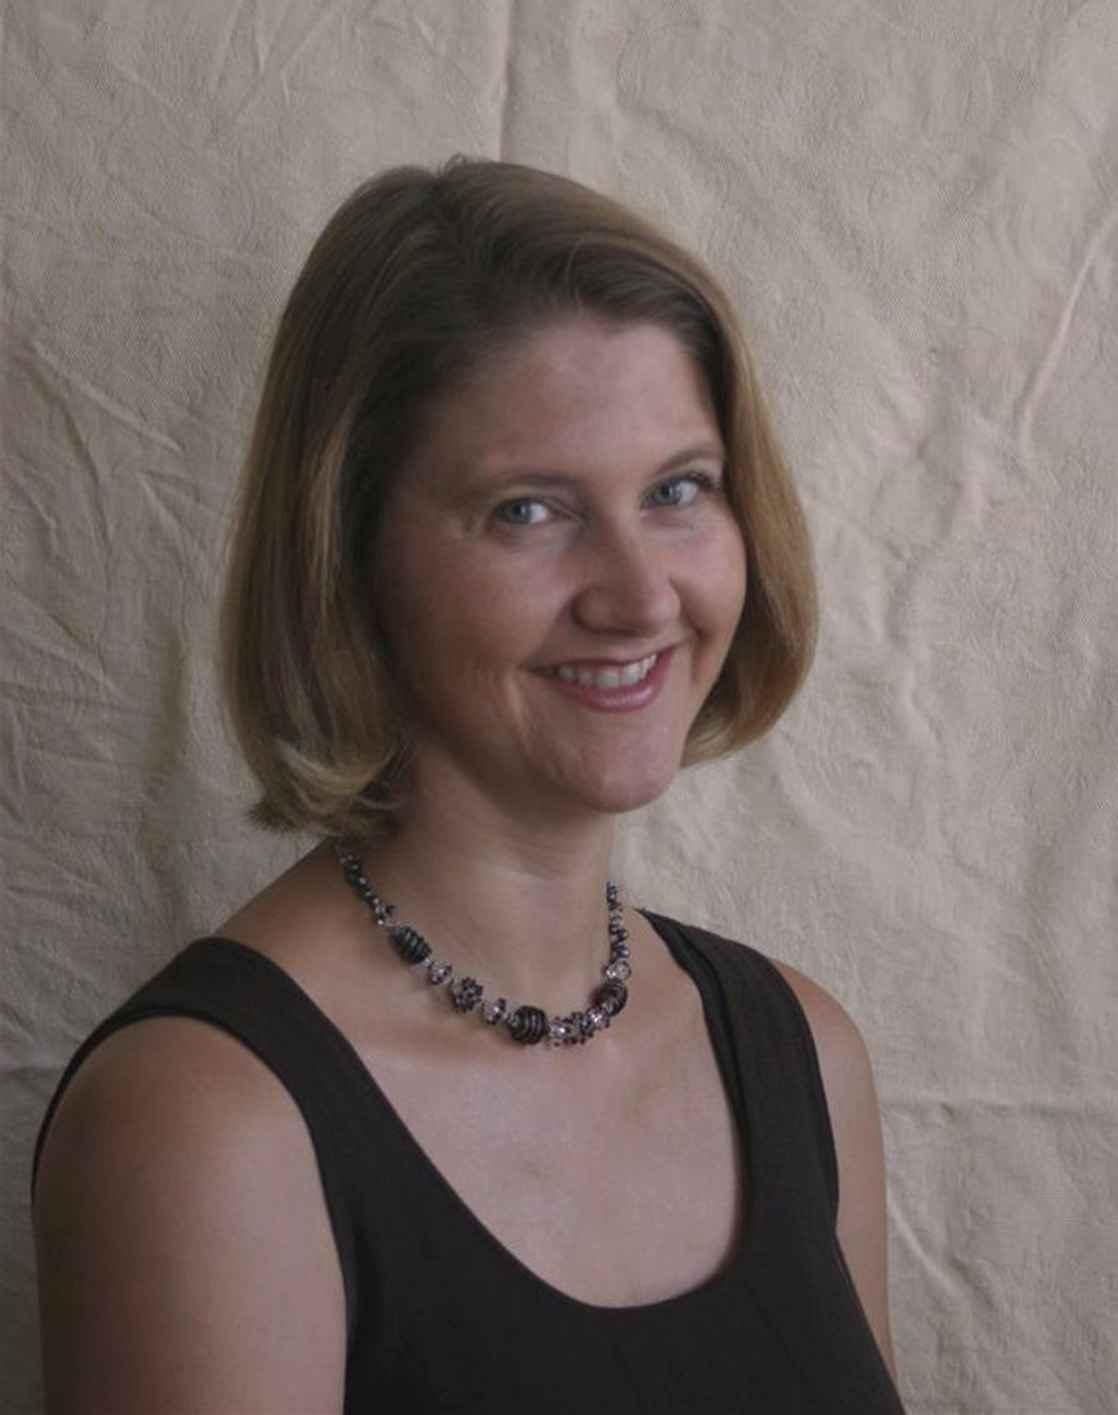 Karen Larson Turner